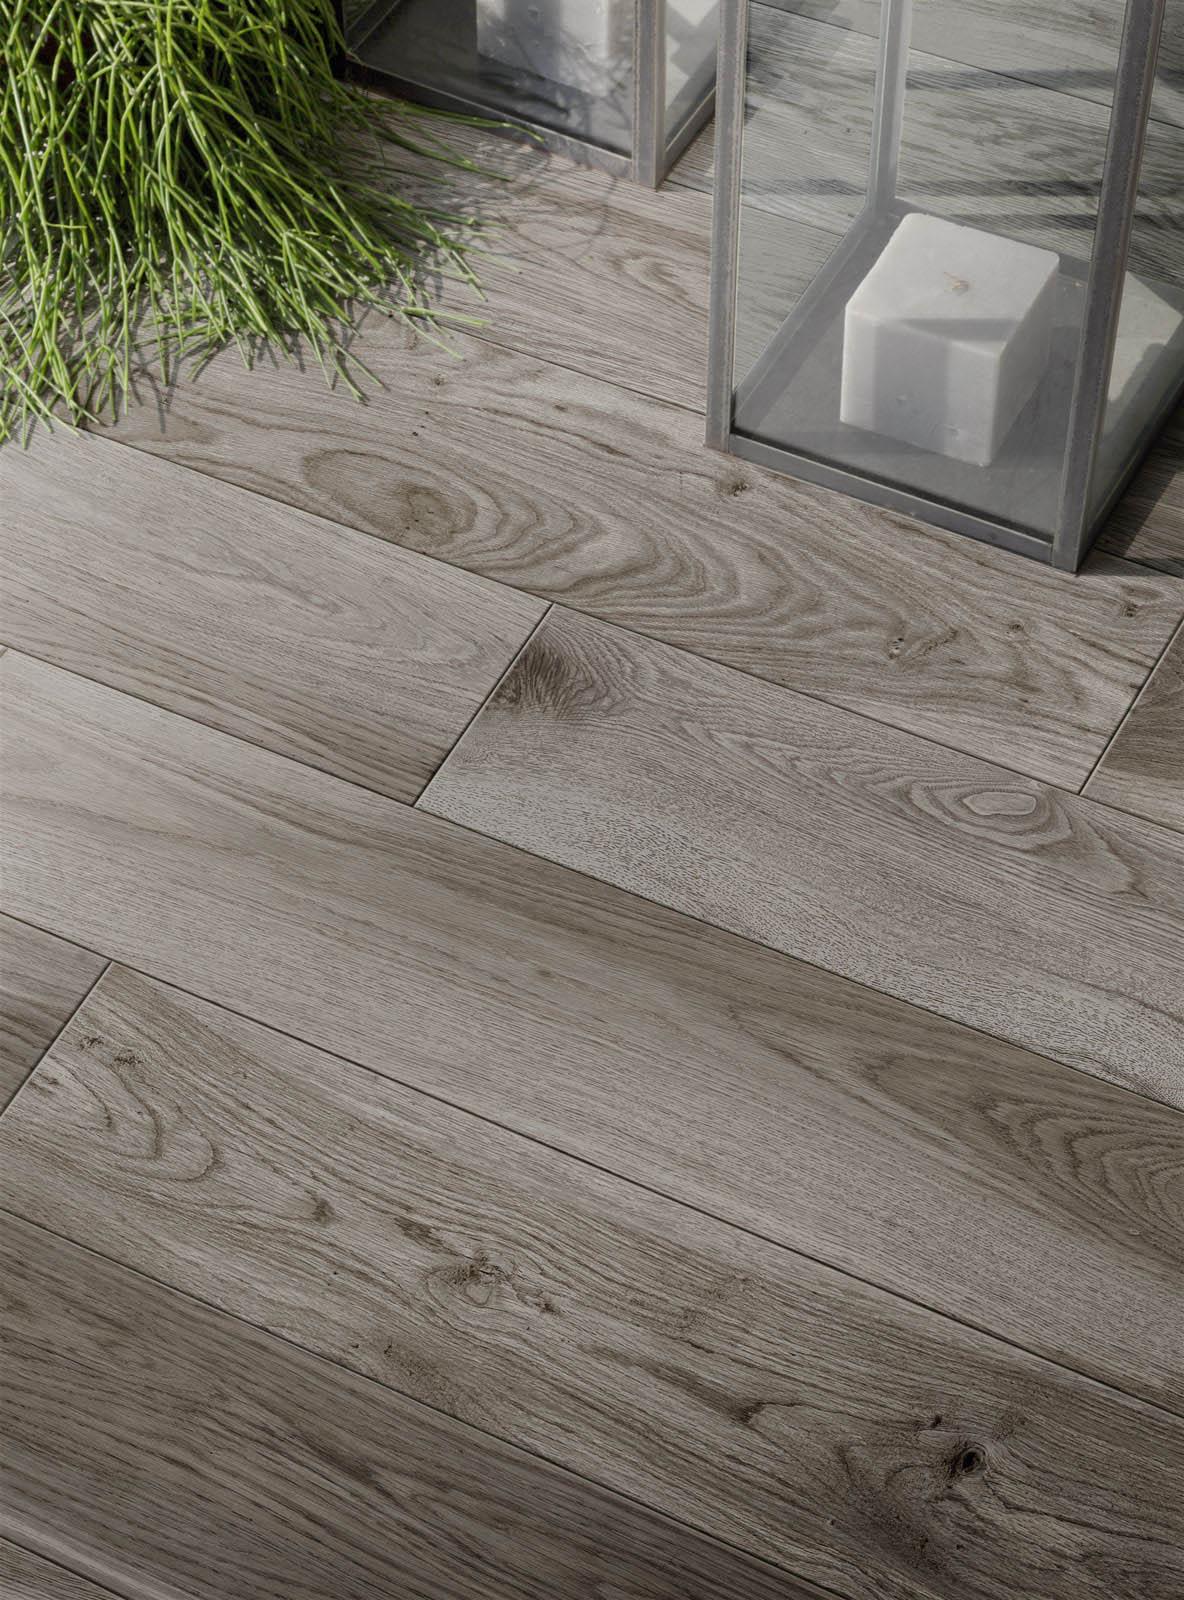 Suelo imitacion madera exterior perfect pavimentos de - Suelos de madera para exterior ...